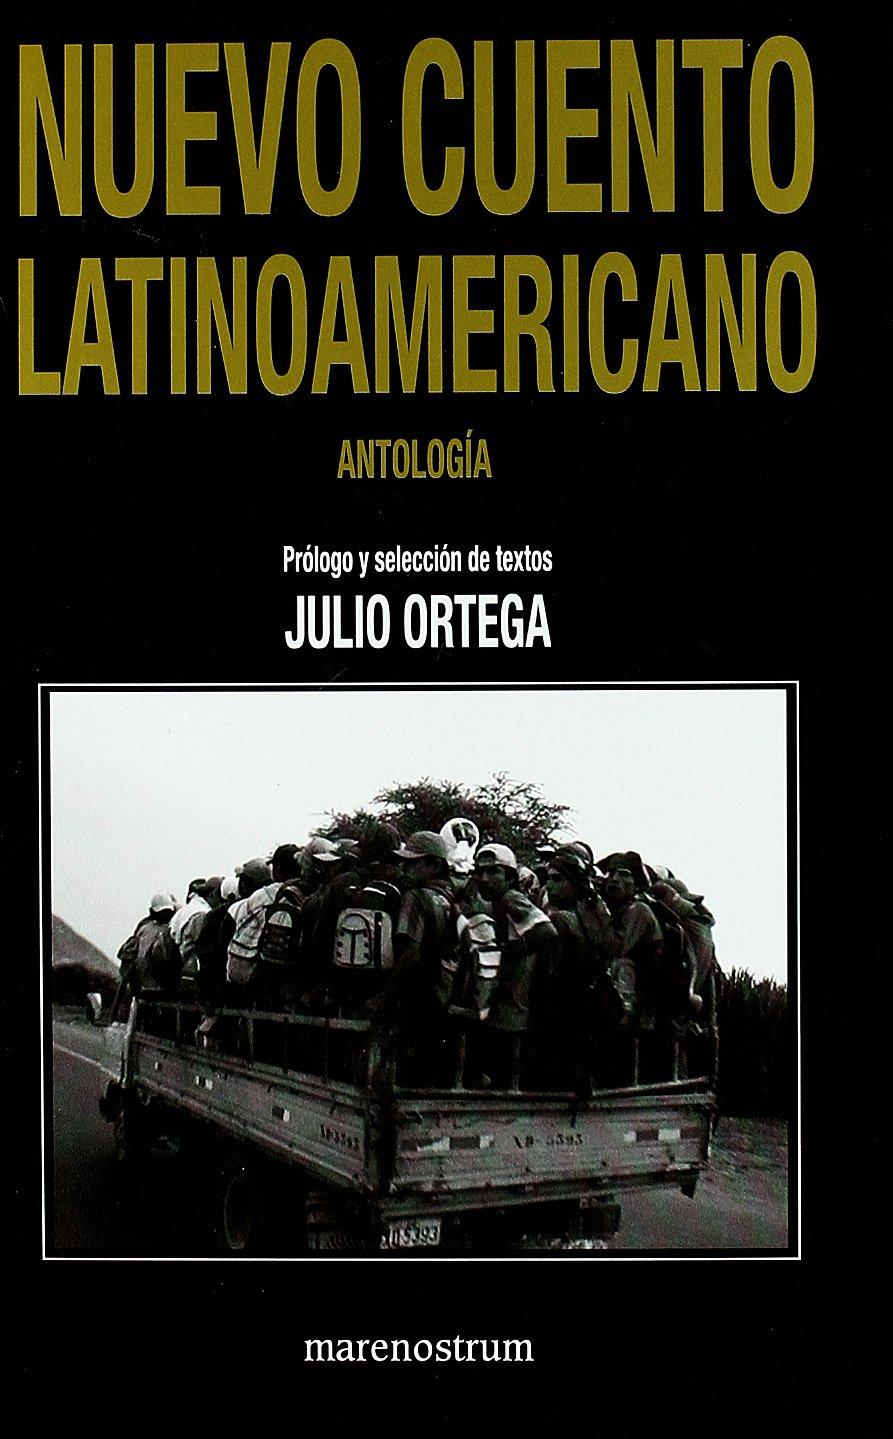 Nuevo cuento latinoamericano: Amazon.es: Julio Ortega: Libros